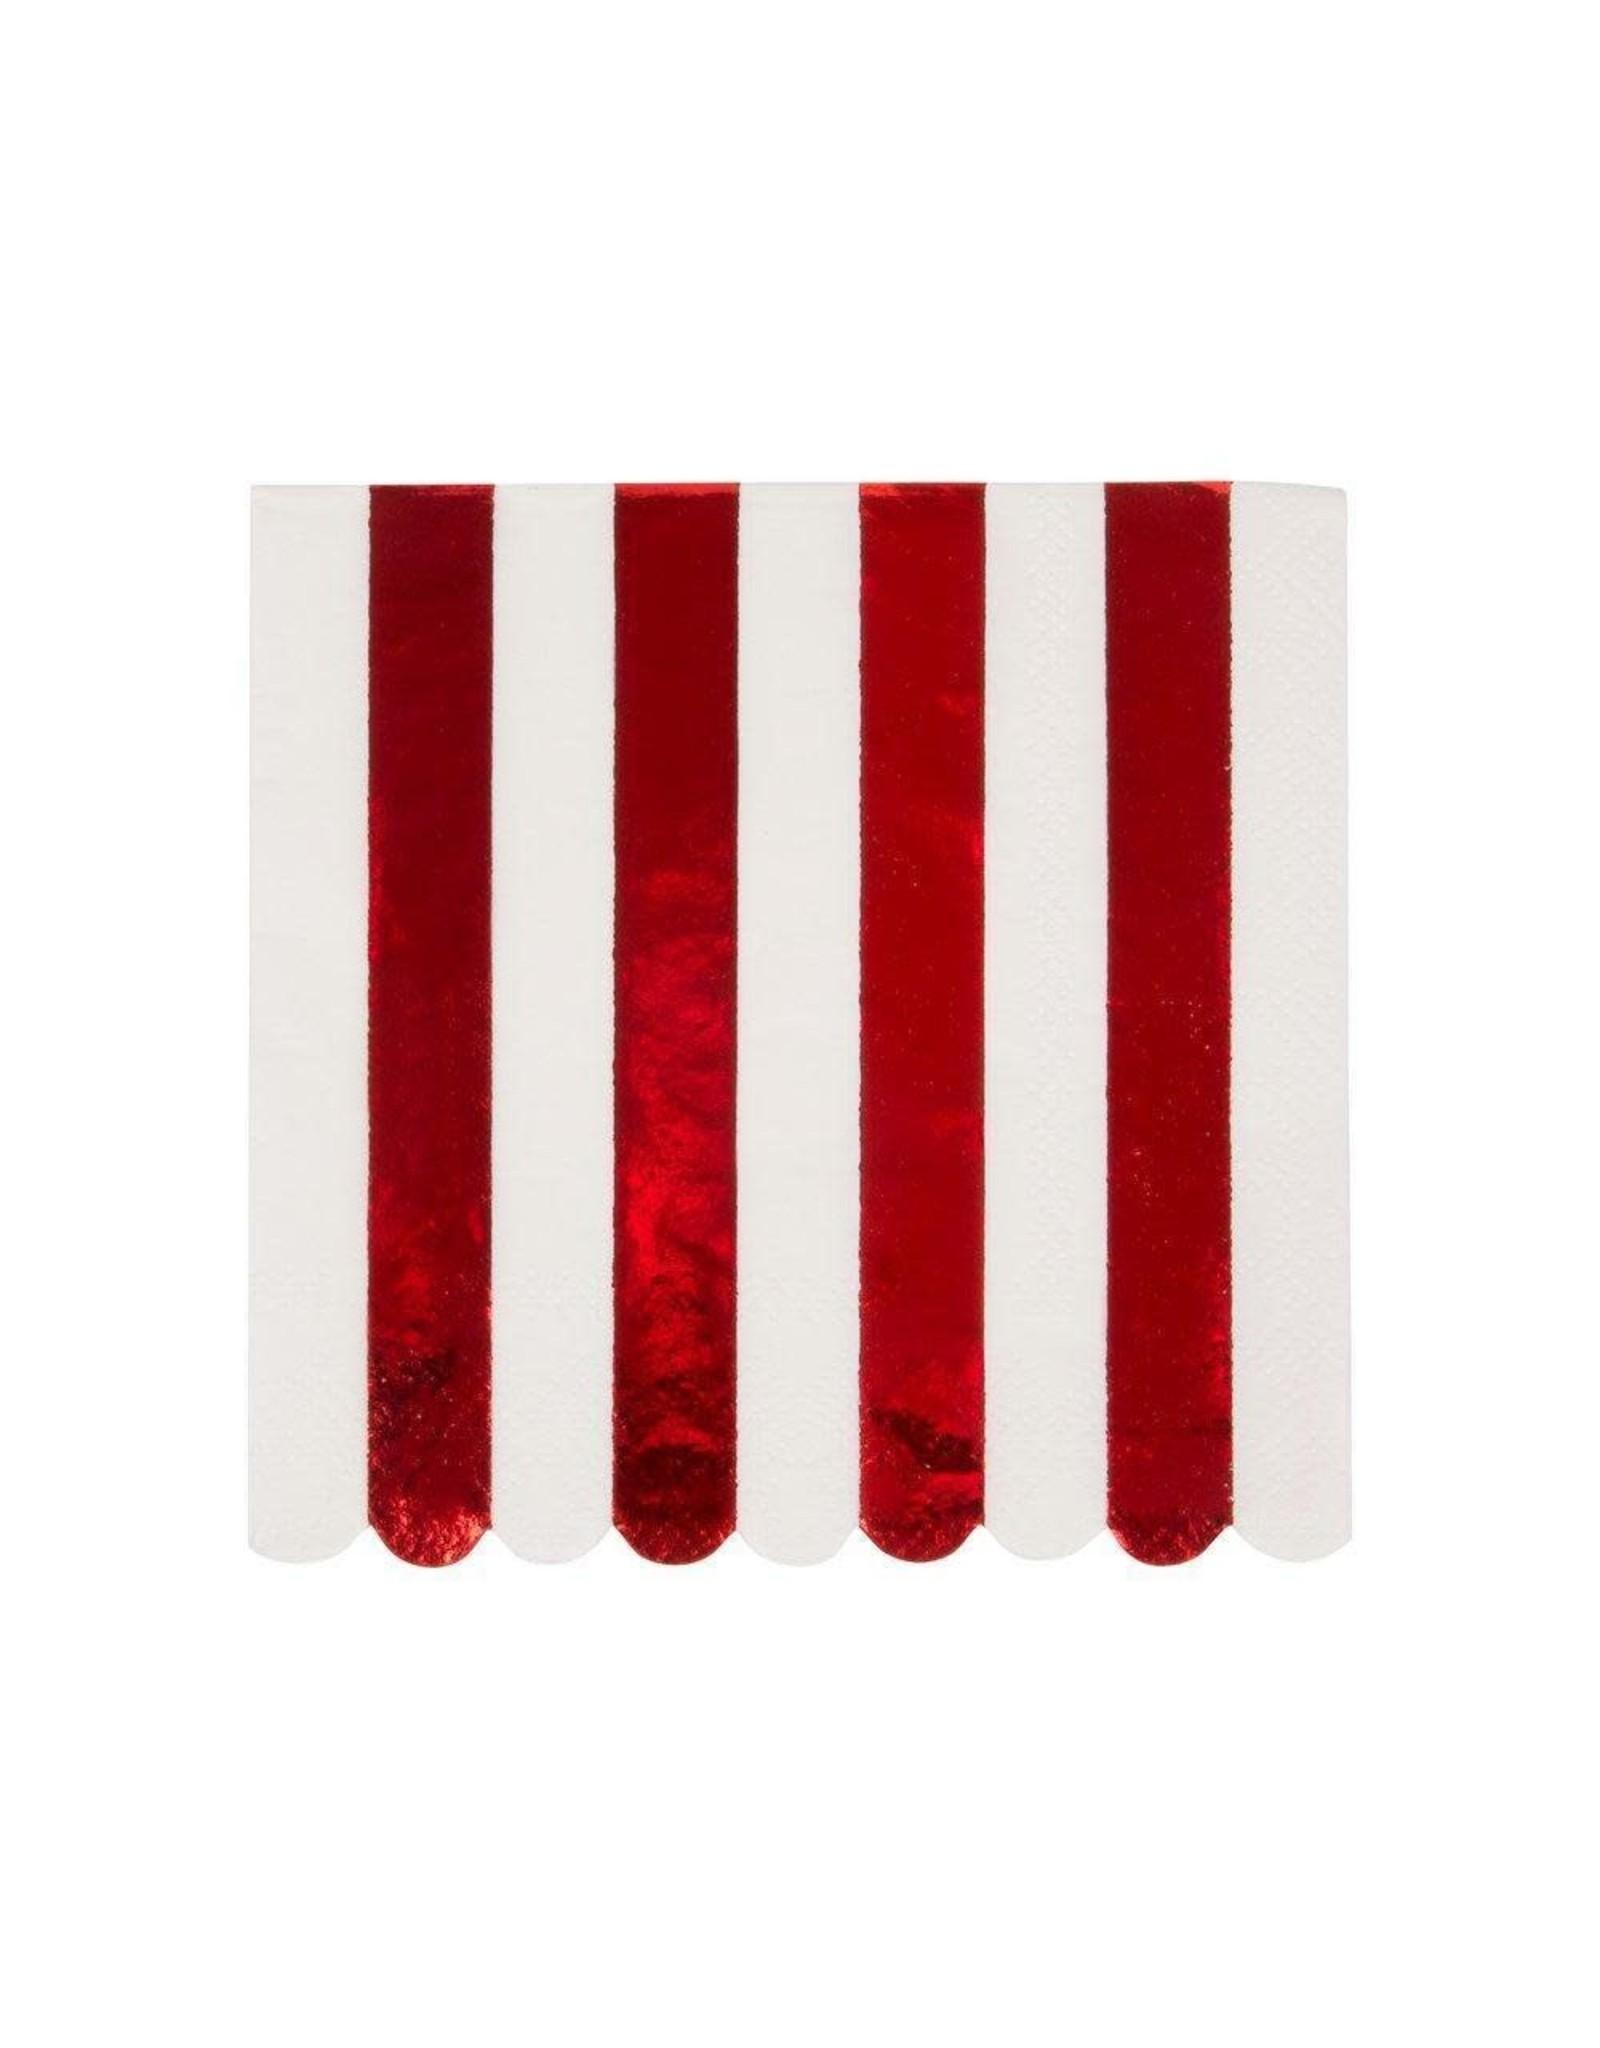 Meri Meri Serviettes | Zuurstok rood | 16st | 13 x 13cm